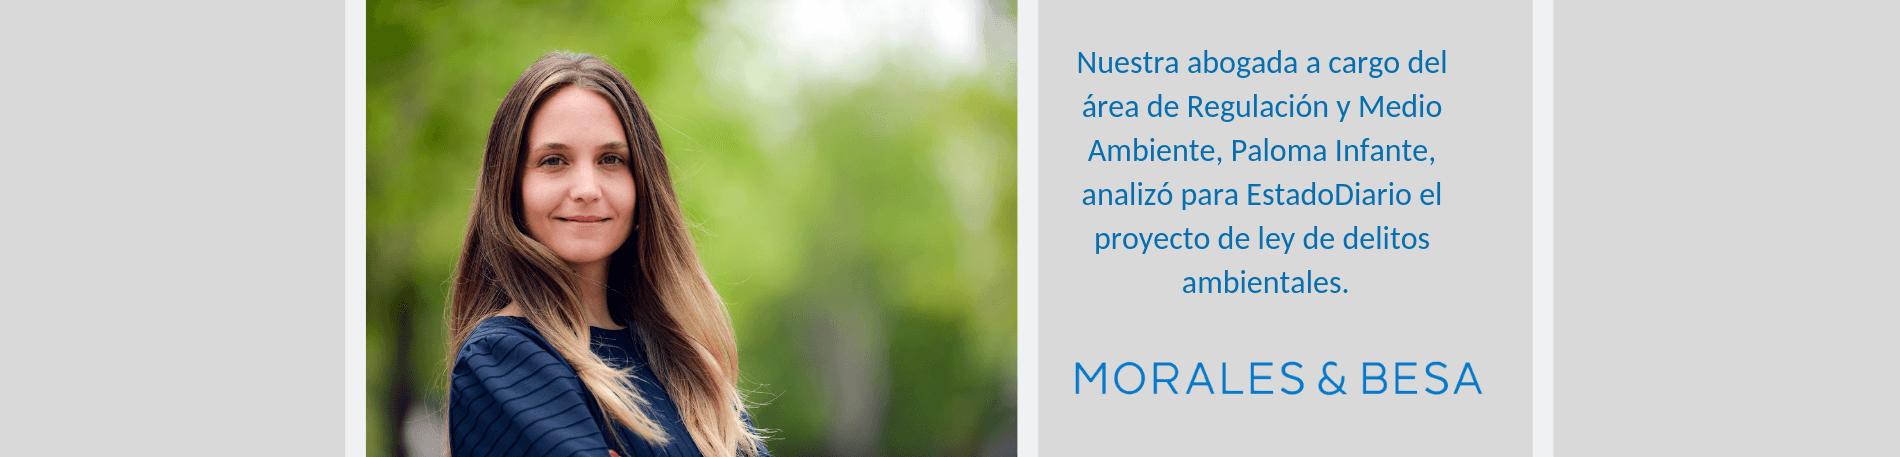 Paloma Infante en EstadoDiario por proyecto de ley de delitos ambientales